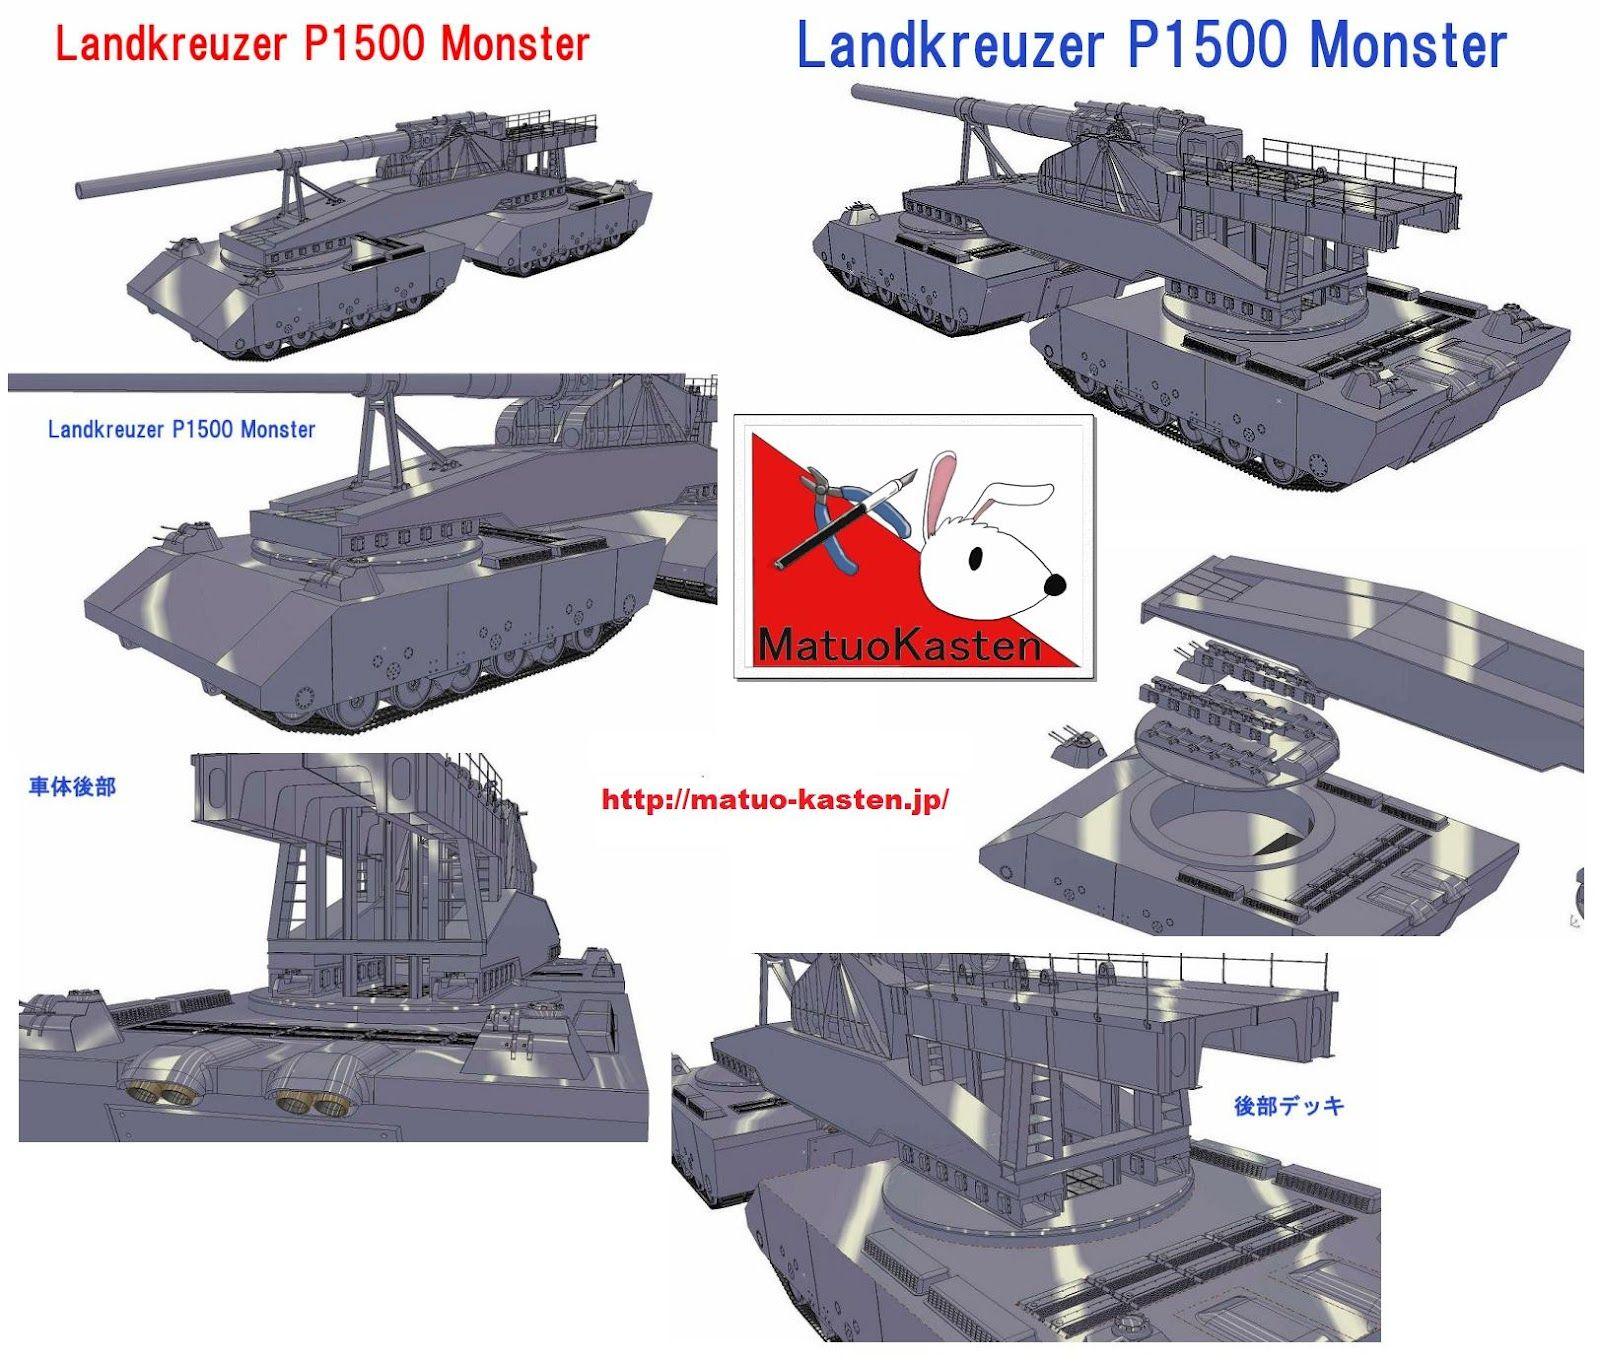 Print Page - Landkreuzers P1000 Ratte & P1500 Monster